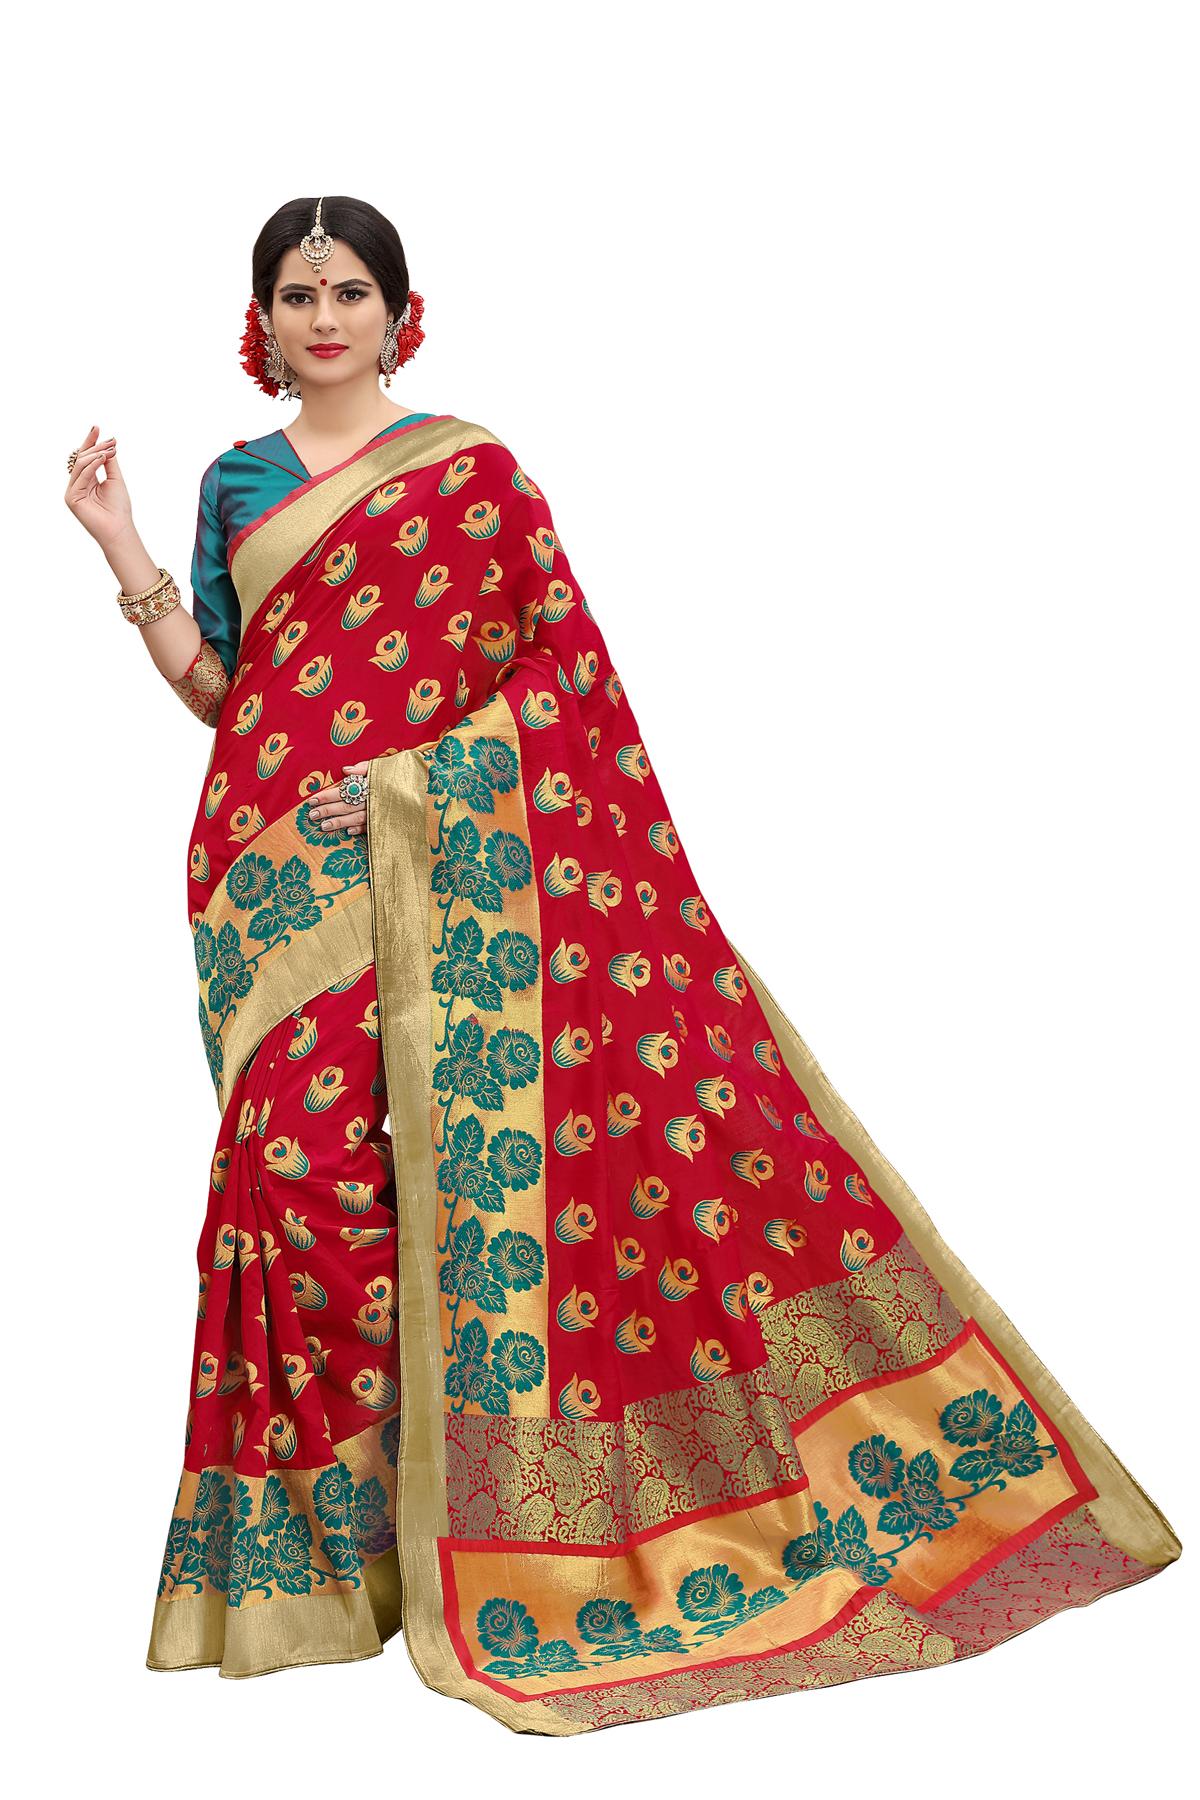 0e4bcc1da3 Designer karwa chauth sarees online